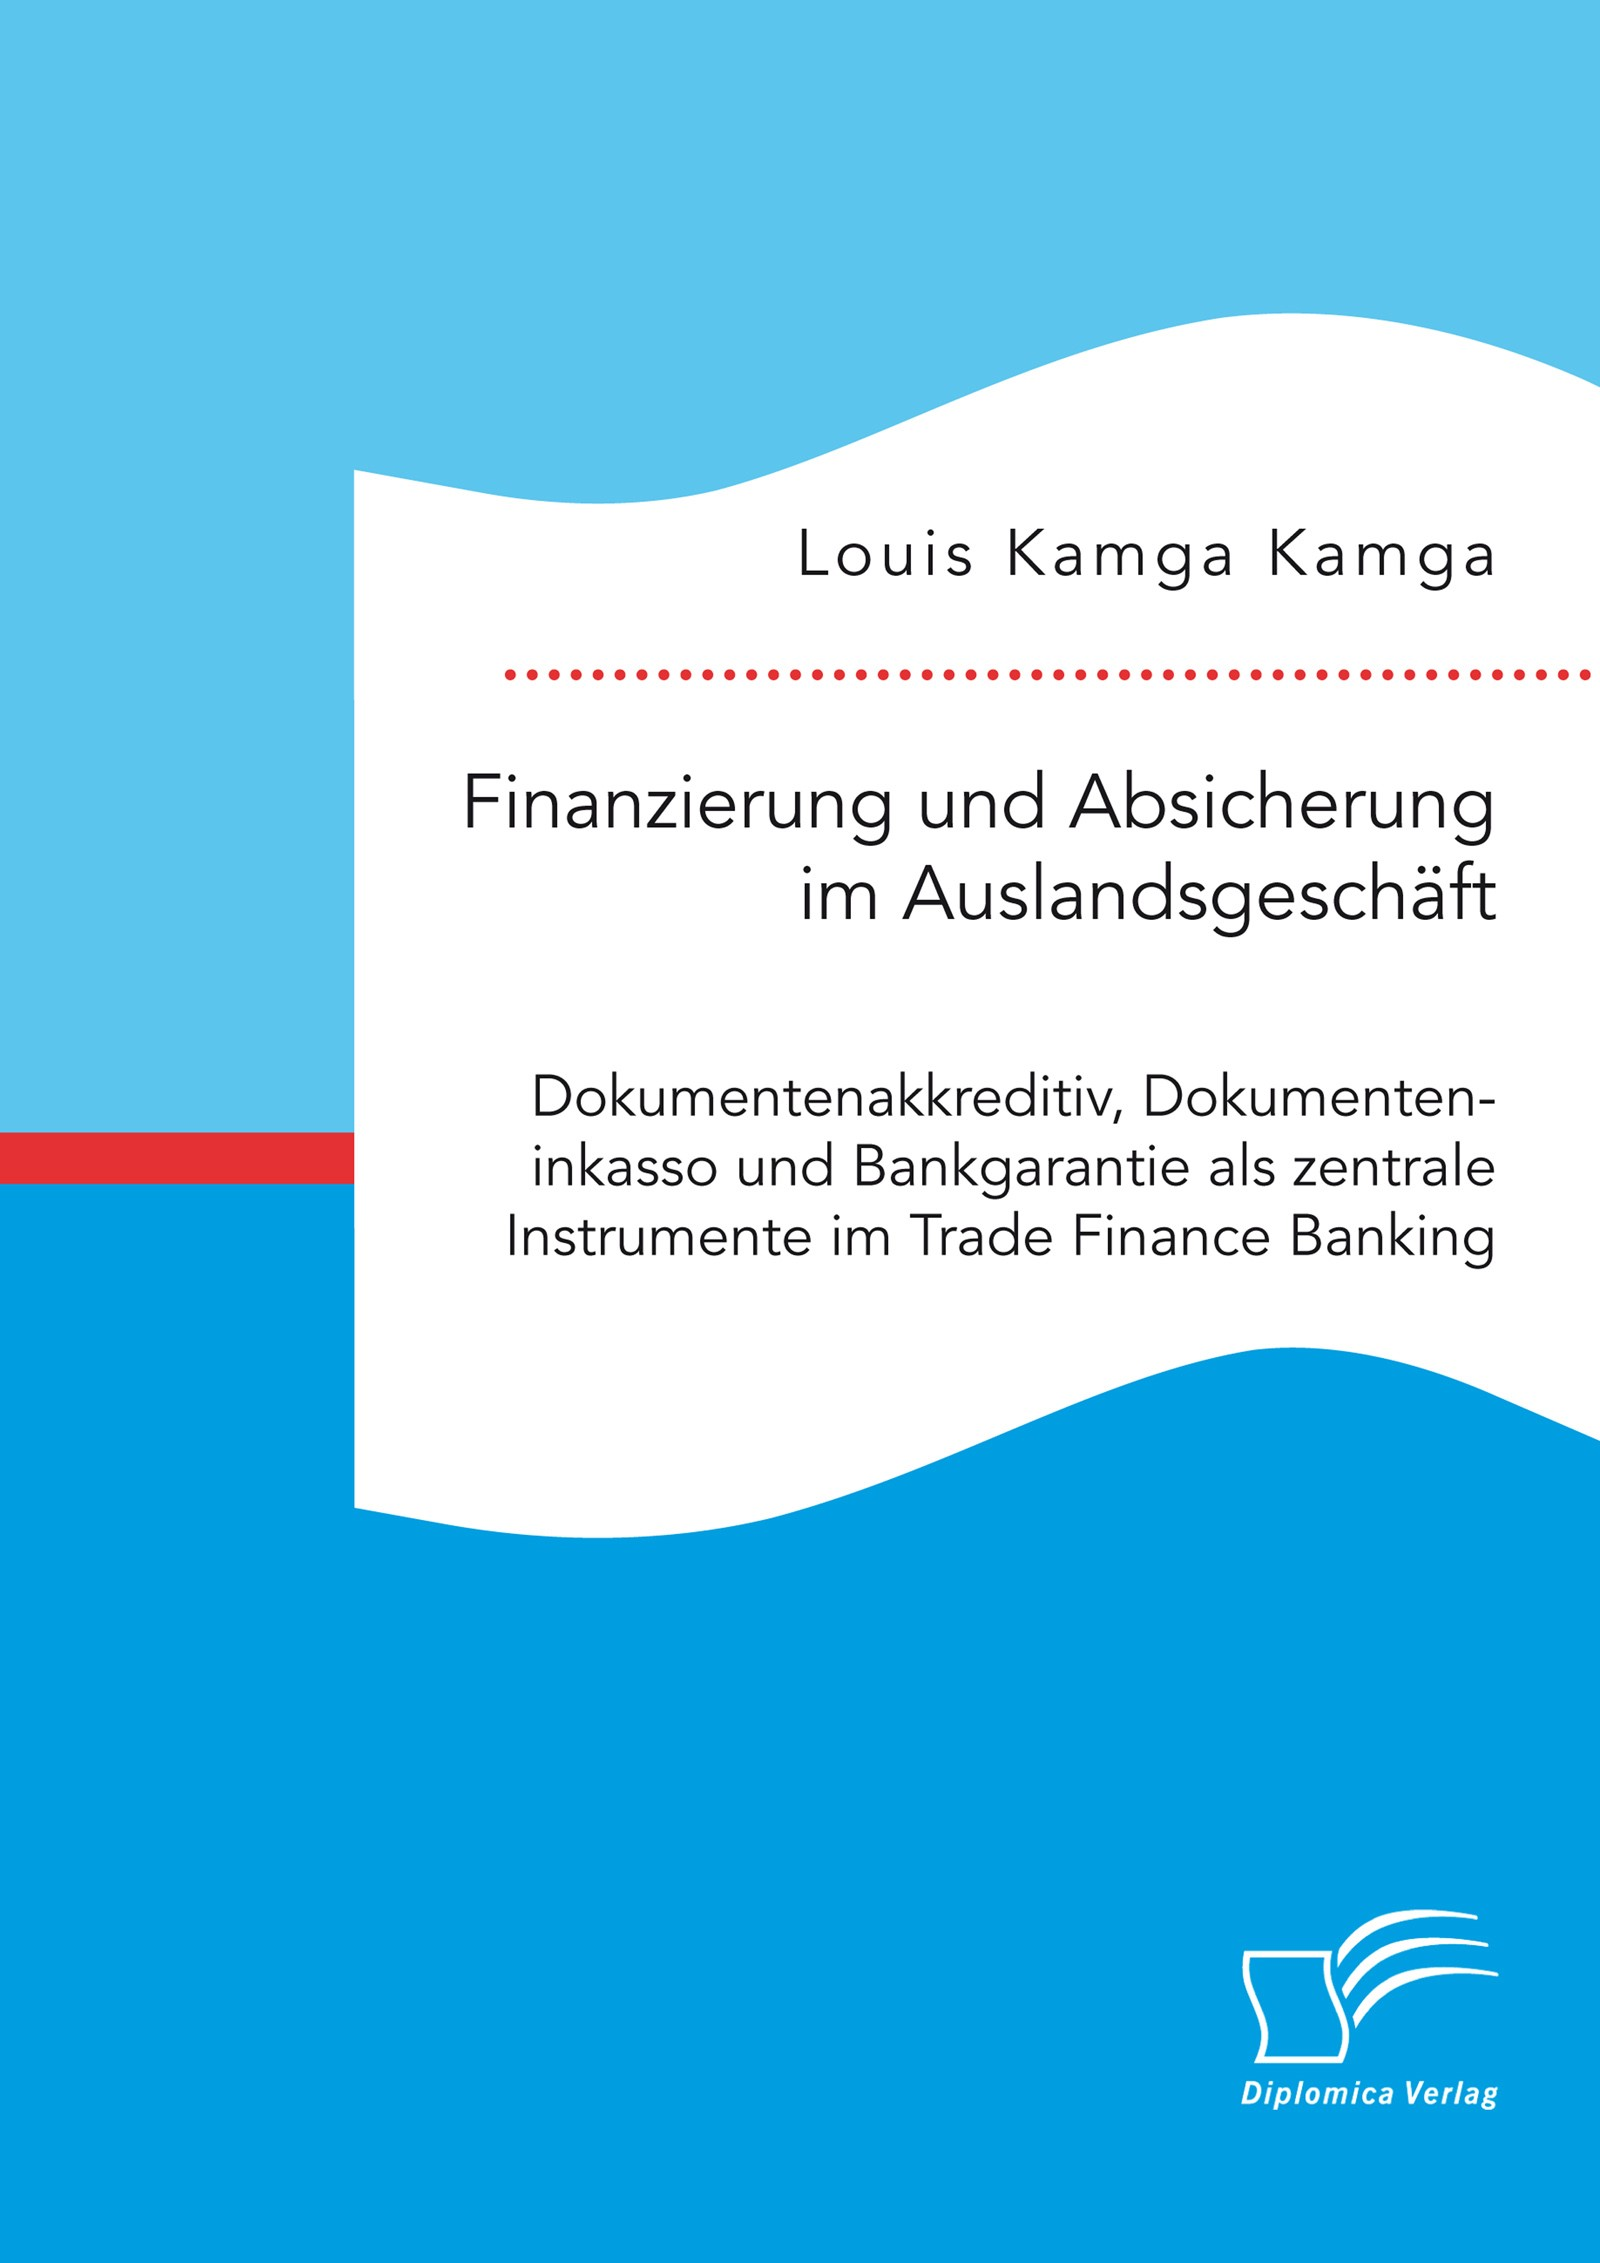 Finanzierung und Absicherung im Auslandsgeschäft. Dokumentenakkreditiv, Dokumenteninkasso und Bankgarantie als zentrale Instrumente im Trade Finance Banking | Kamga Kamga | Erstauflage, 2017 | Buch (Cover)